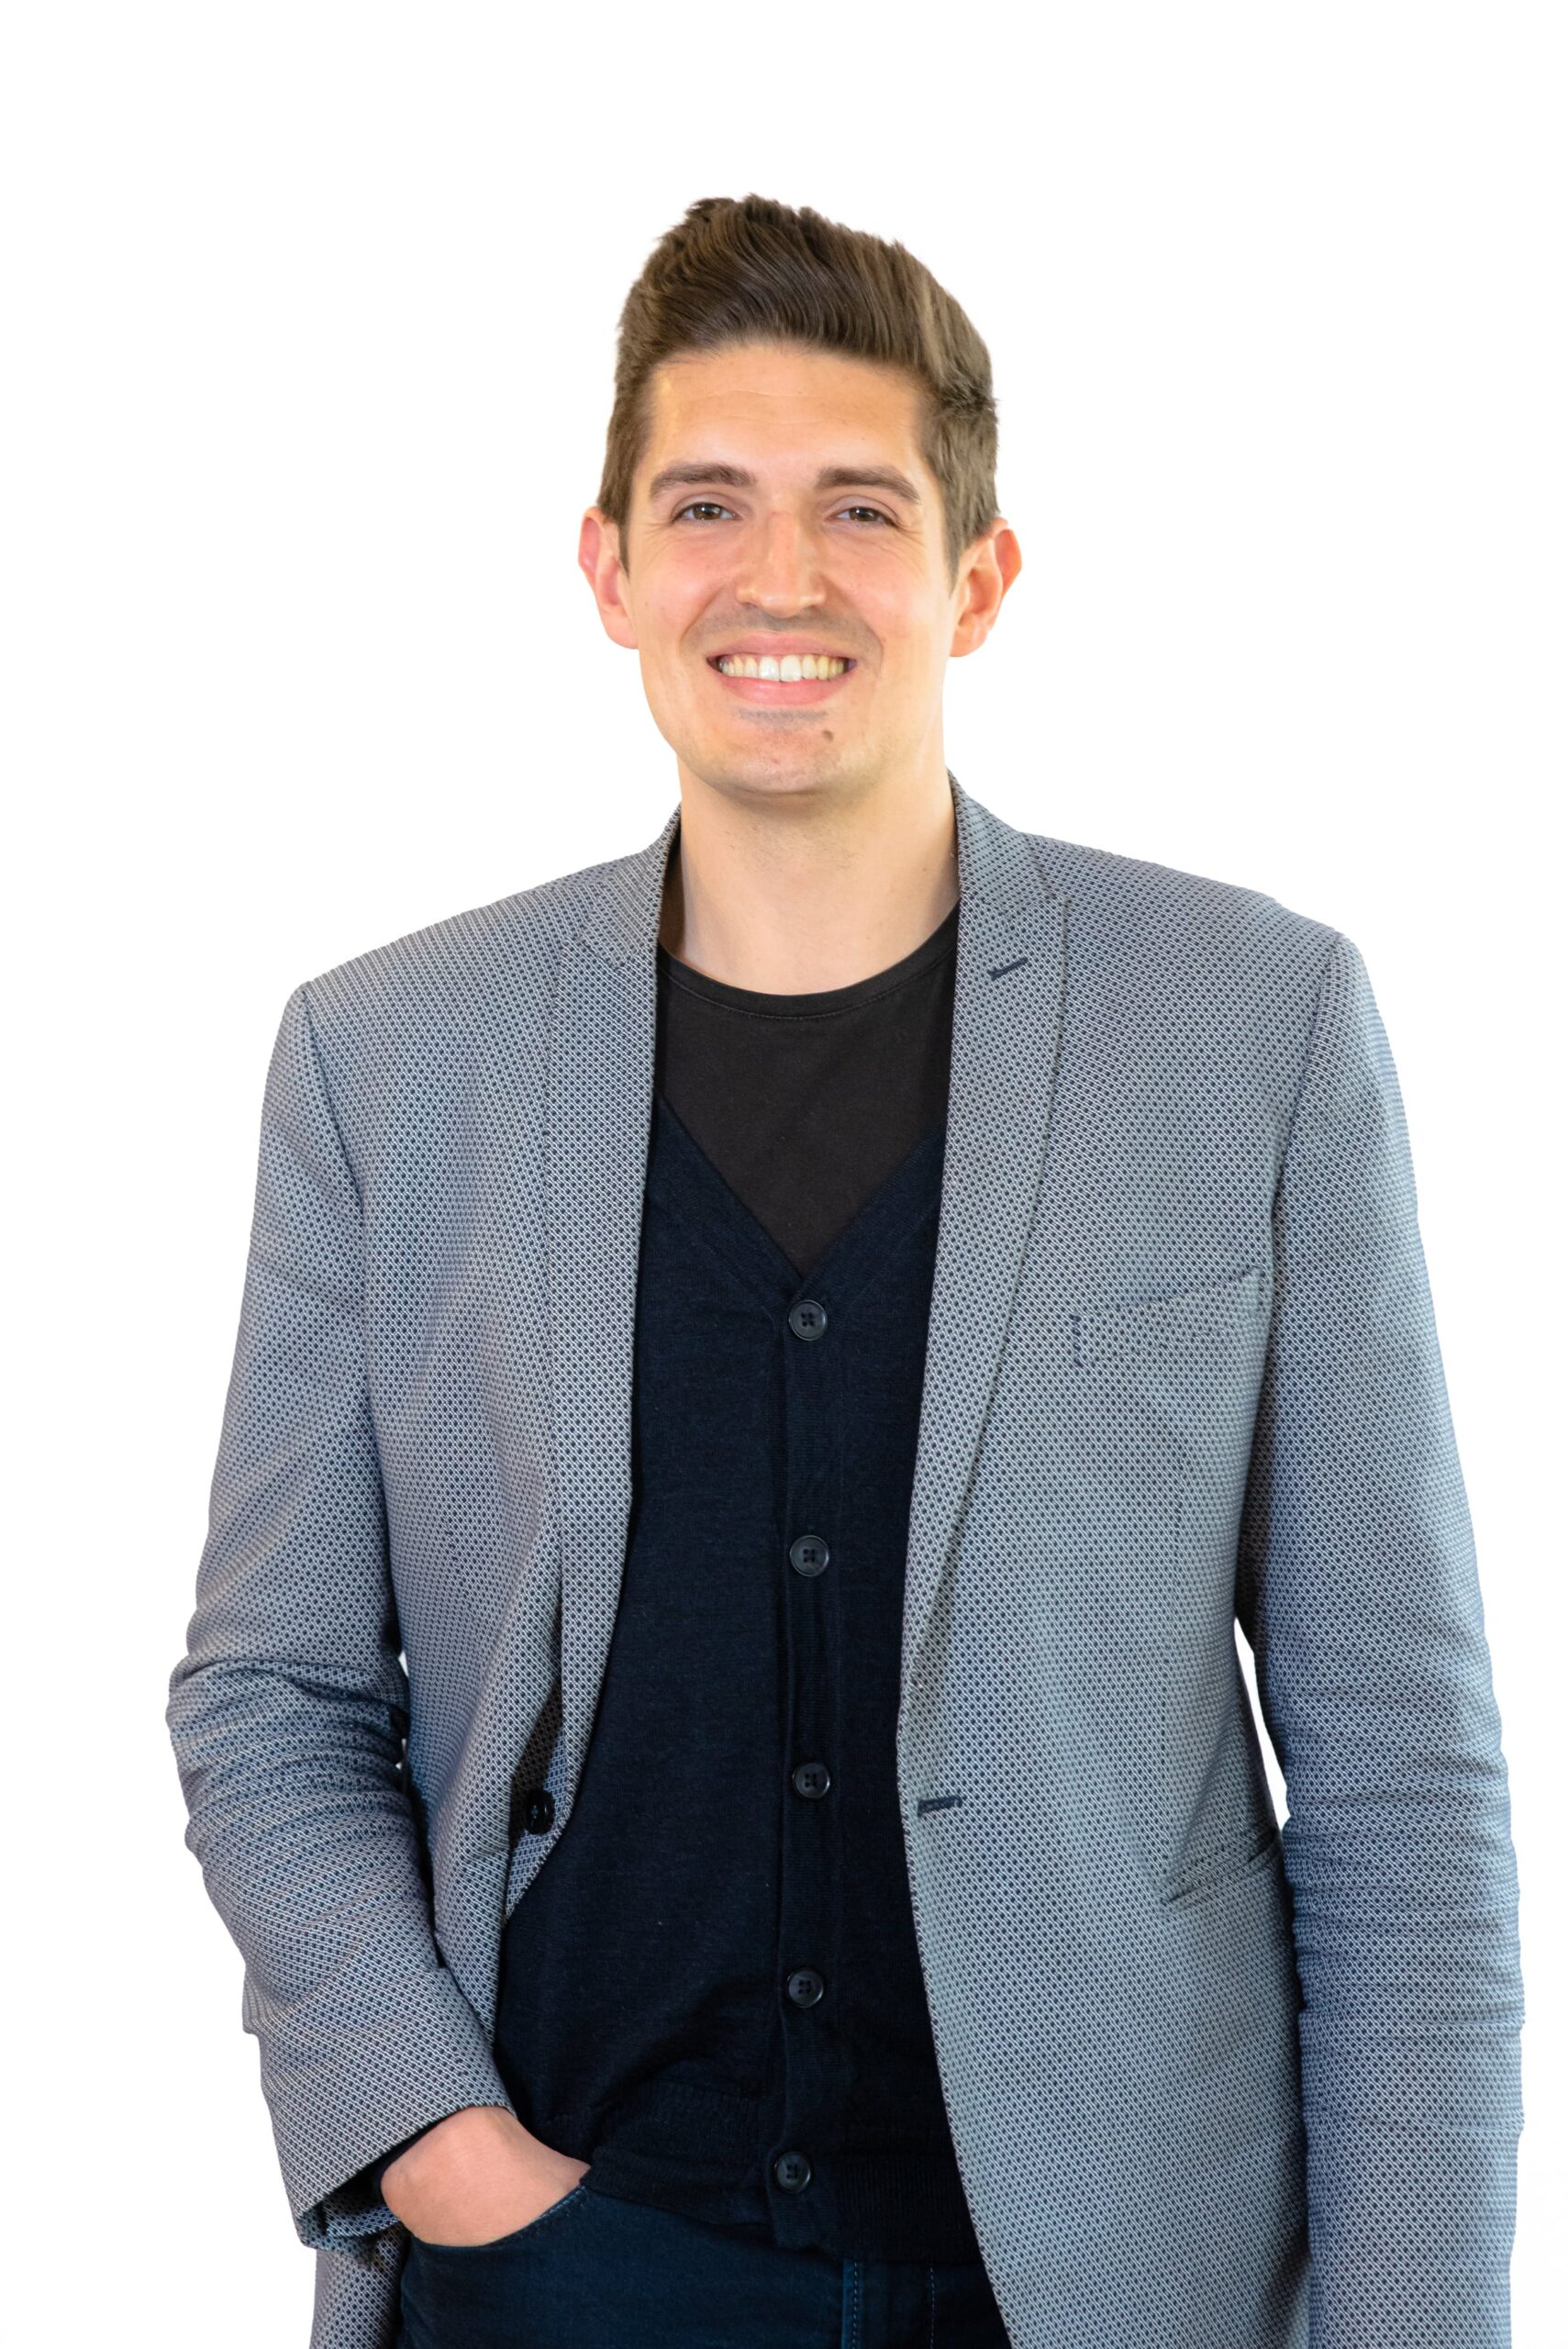 Vincent Santacruz